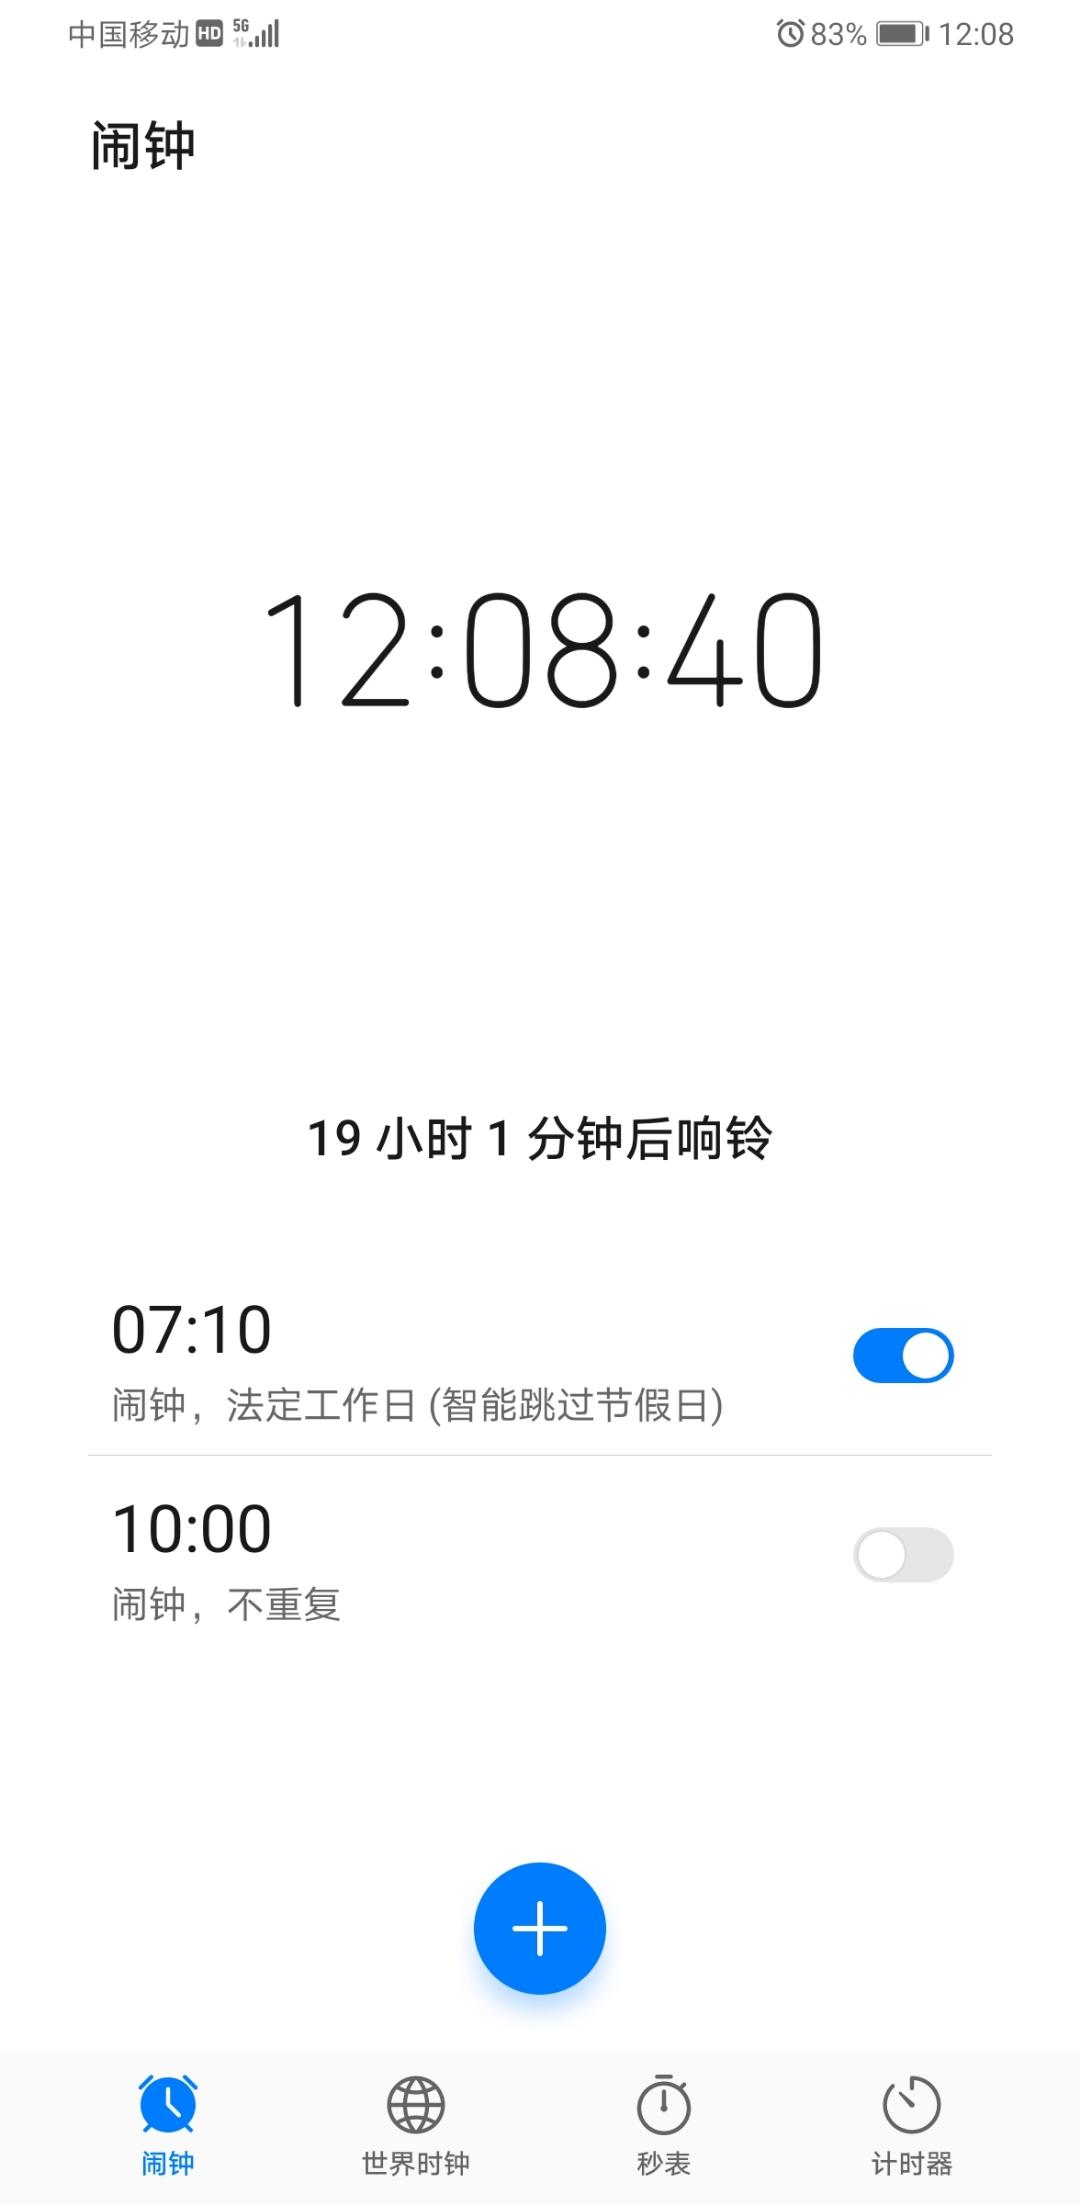 Screenshot_20200513_120839_com.android.deskclock.jpg